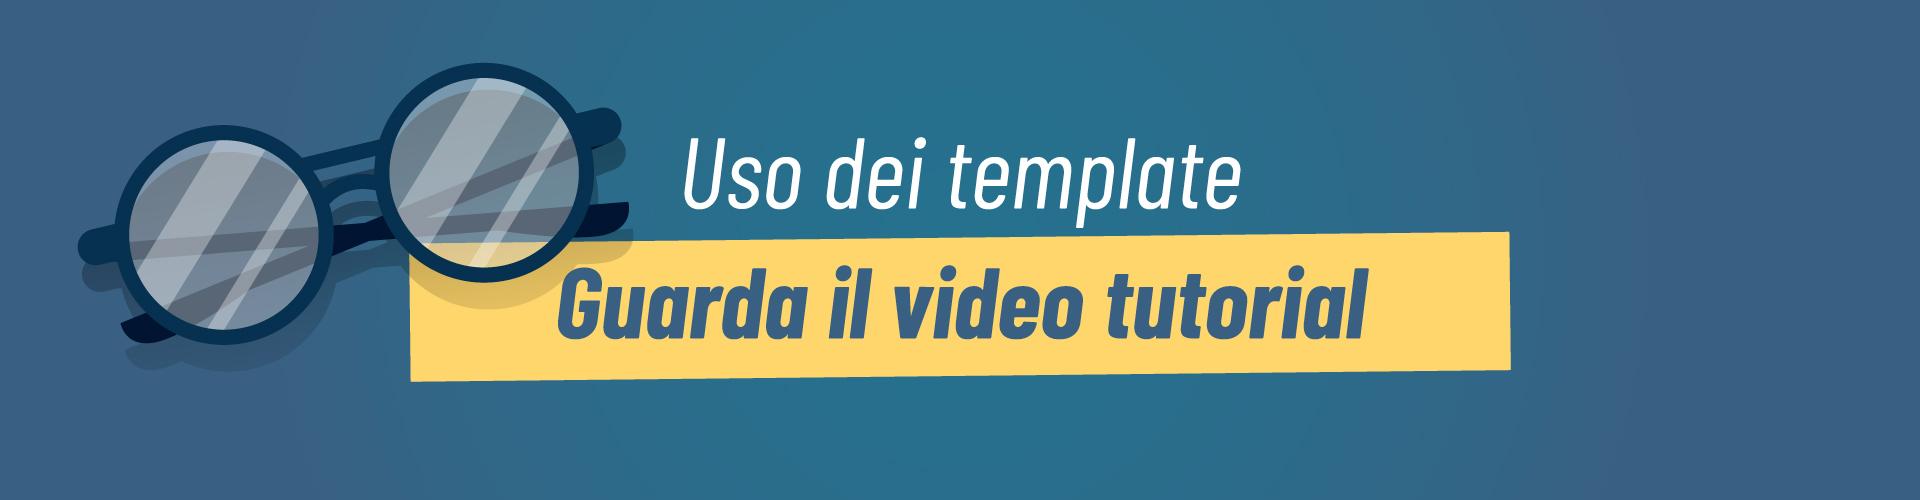 Banner sul video tutorial sull'uso dei template